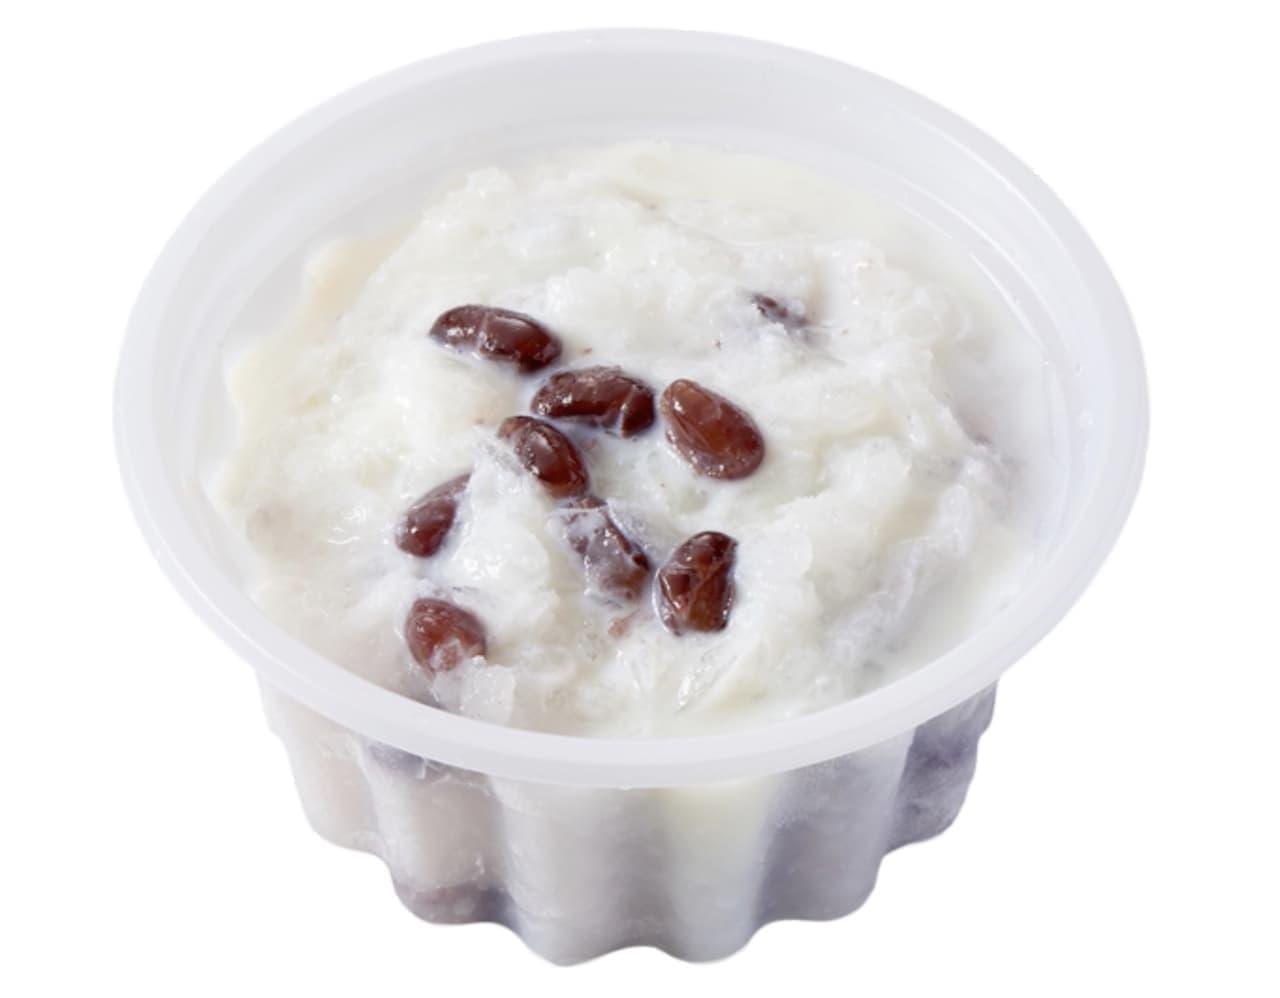 シャトレーゼ「白州名水かき氷 北海道産小豆の甘納豆入り 練乳金時」